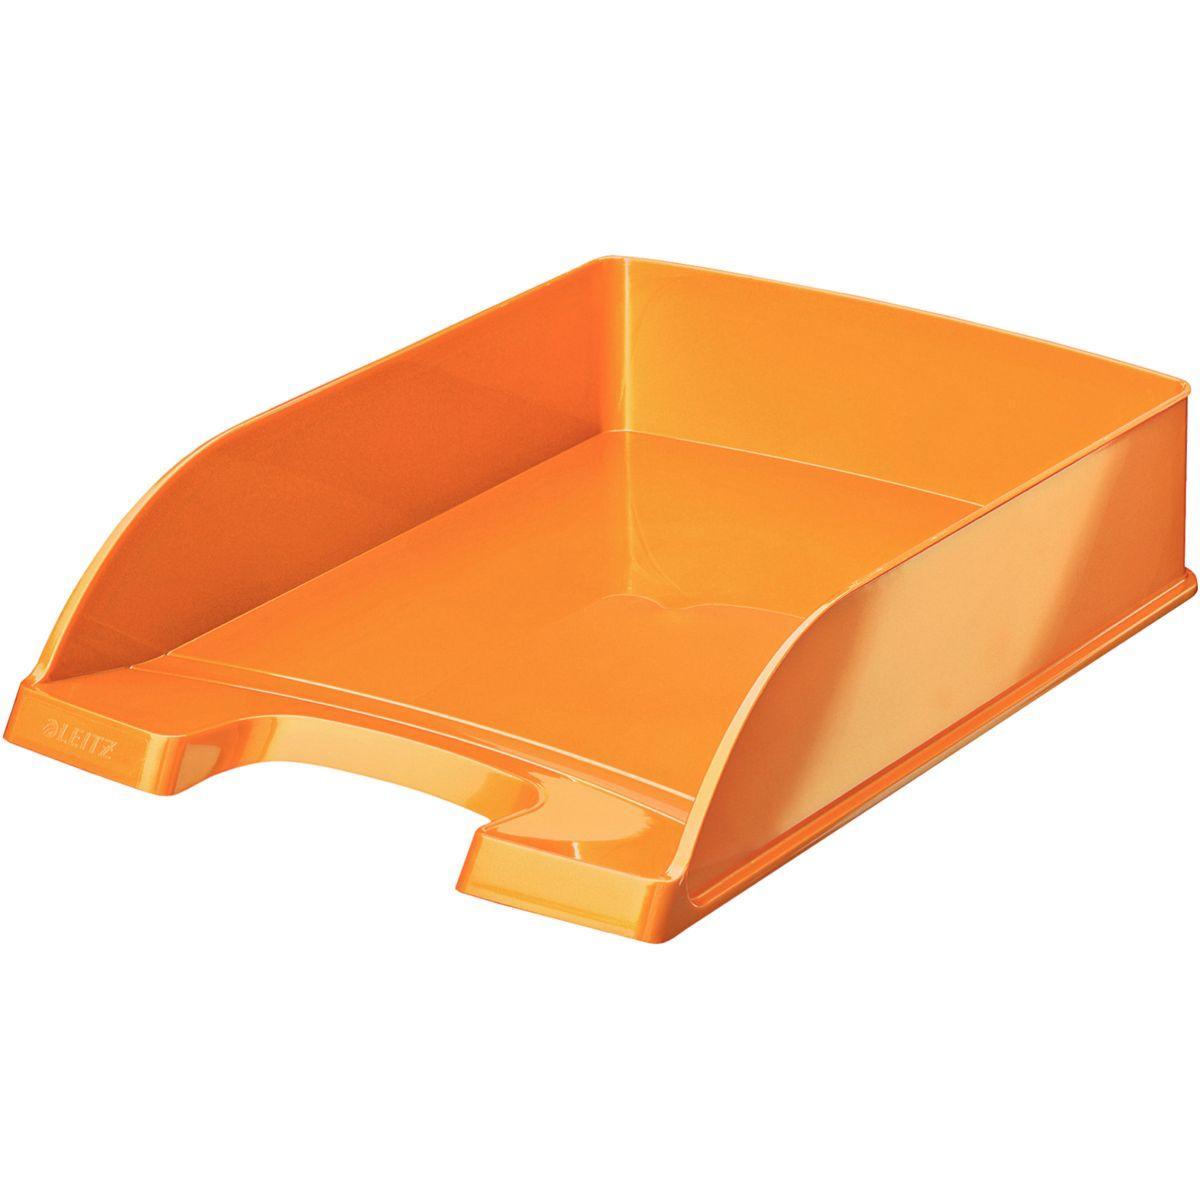 Bannette bureau leitz corbeille courrier a4 wow orange - 2% de remise imm�diate avec le code : automne2 (photo)